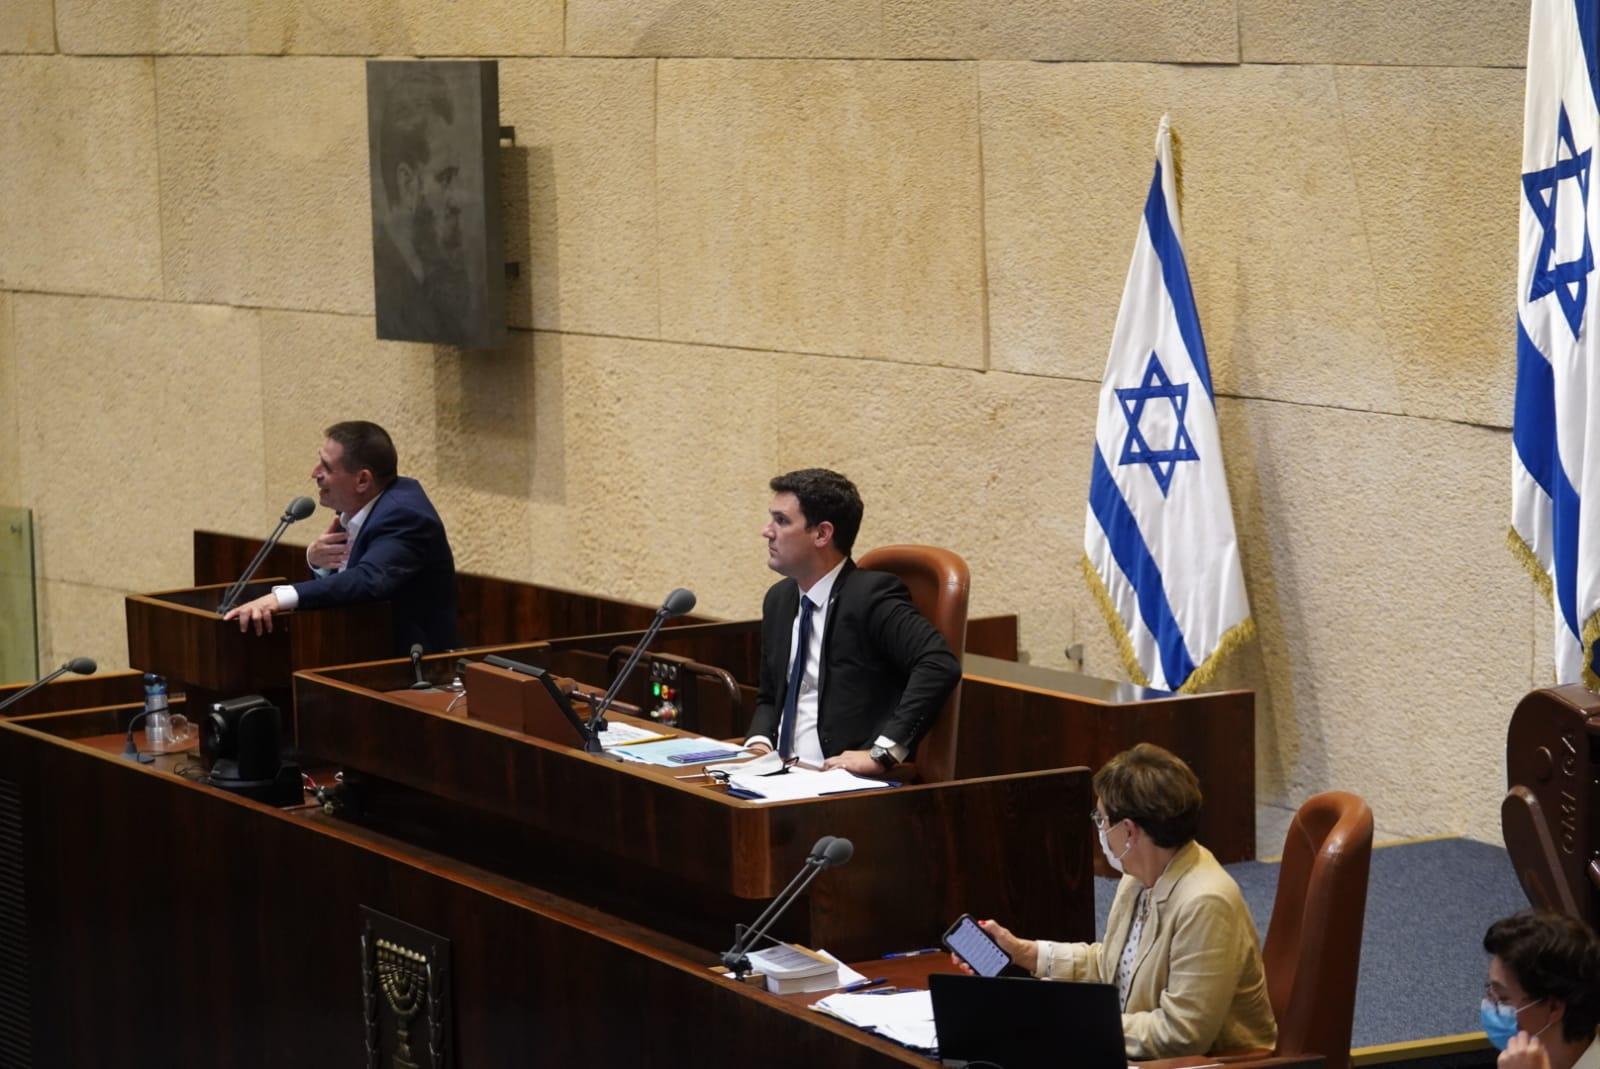 מליאת הכנסת בהצעת חוק: הסמכת פקחים עירוניים והקמת מערך שיטור עירוני